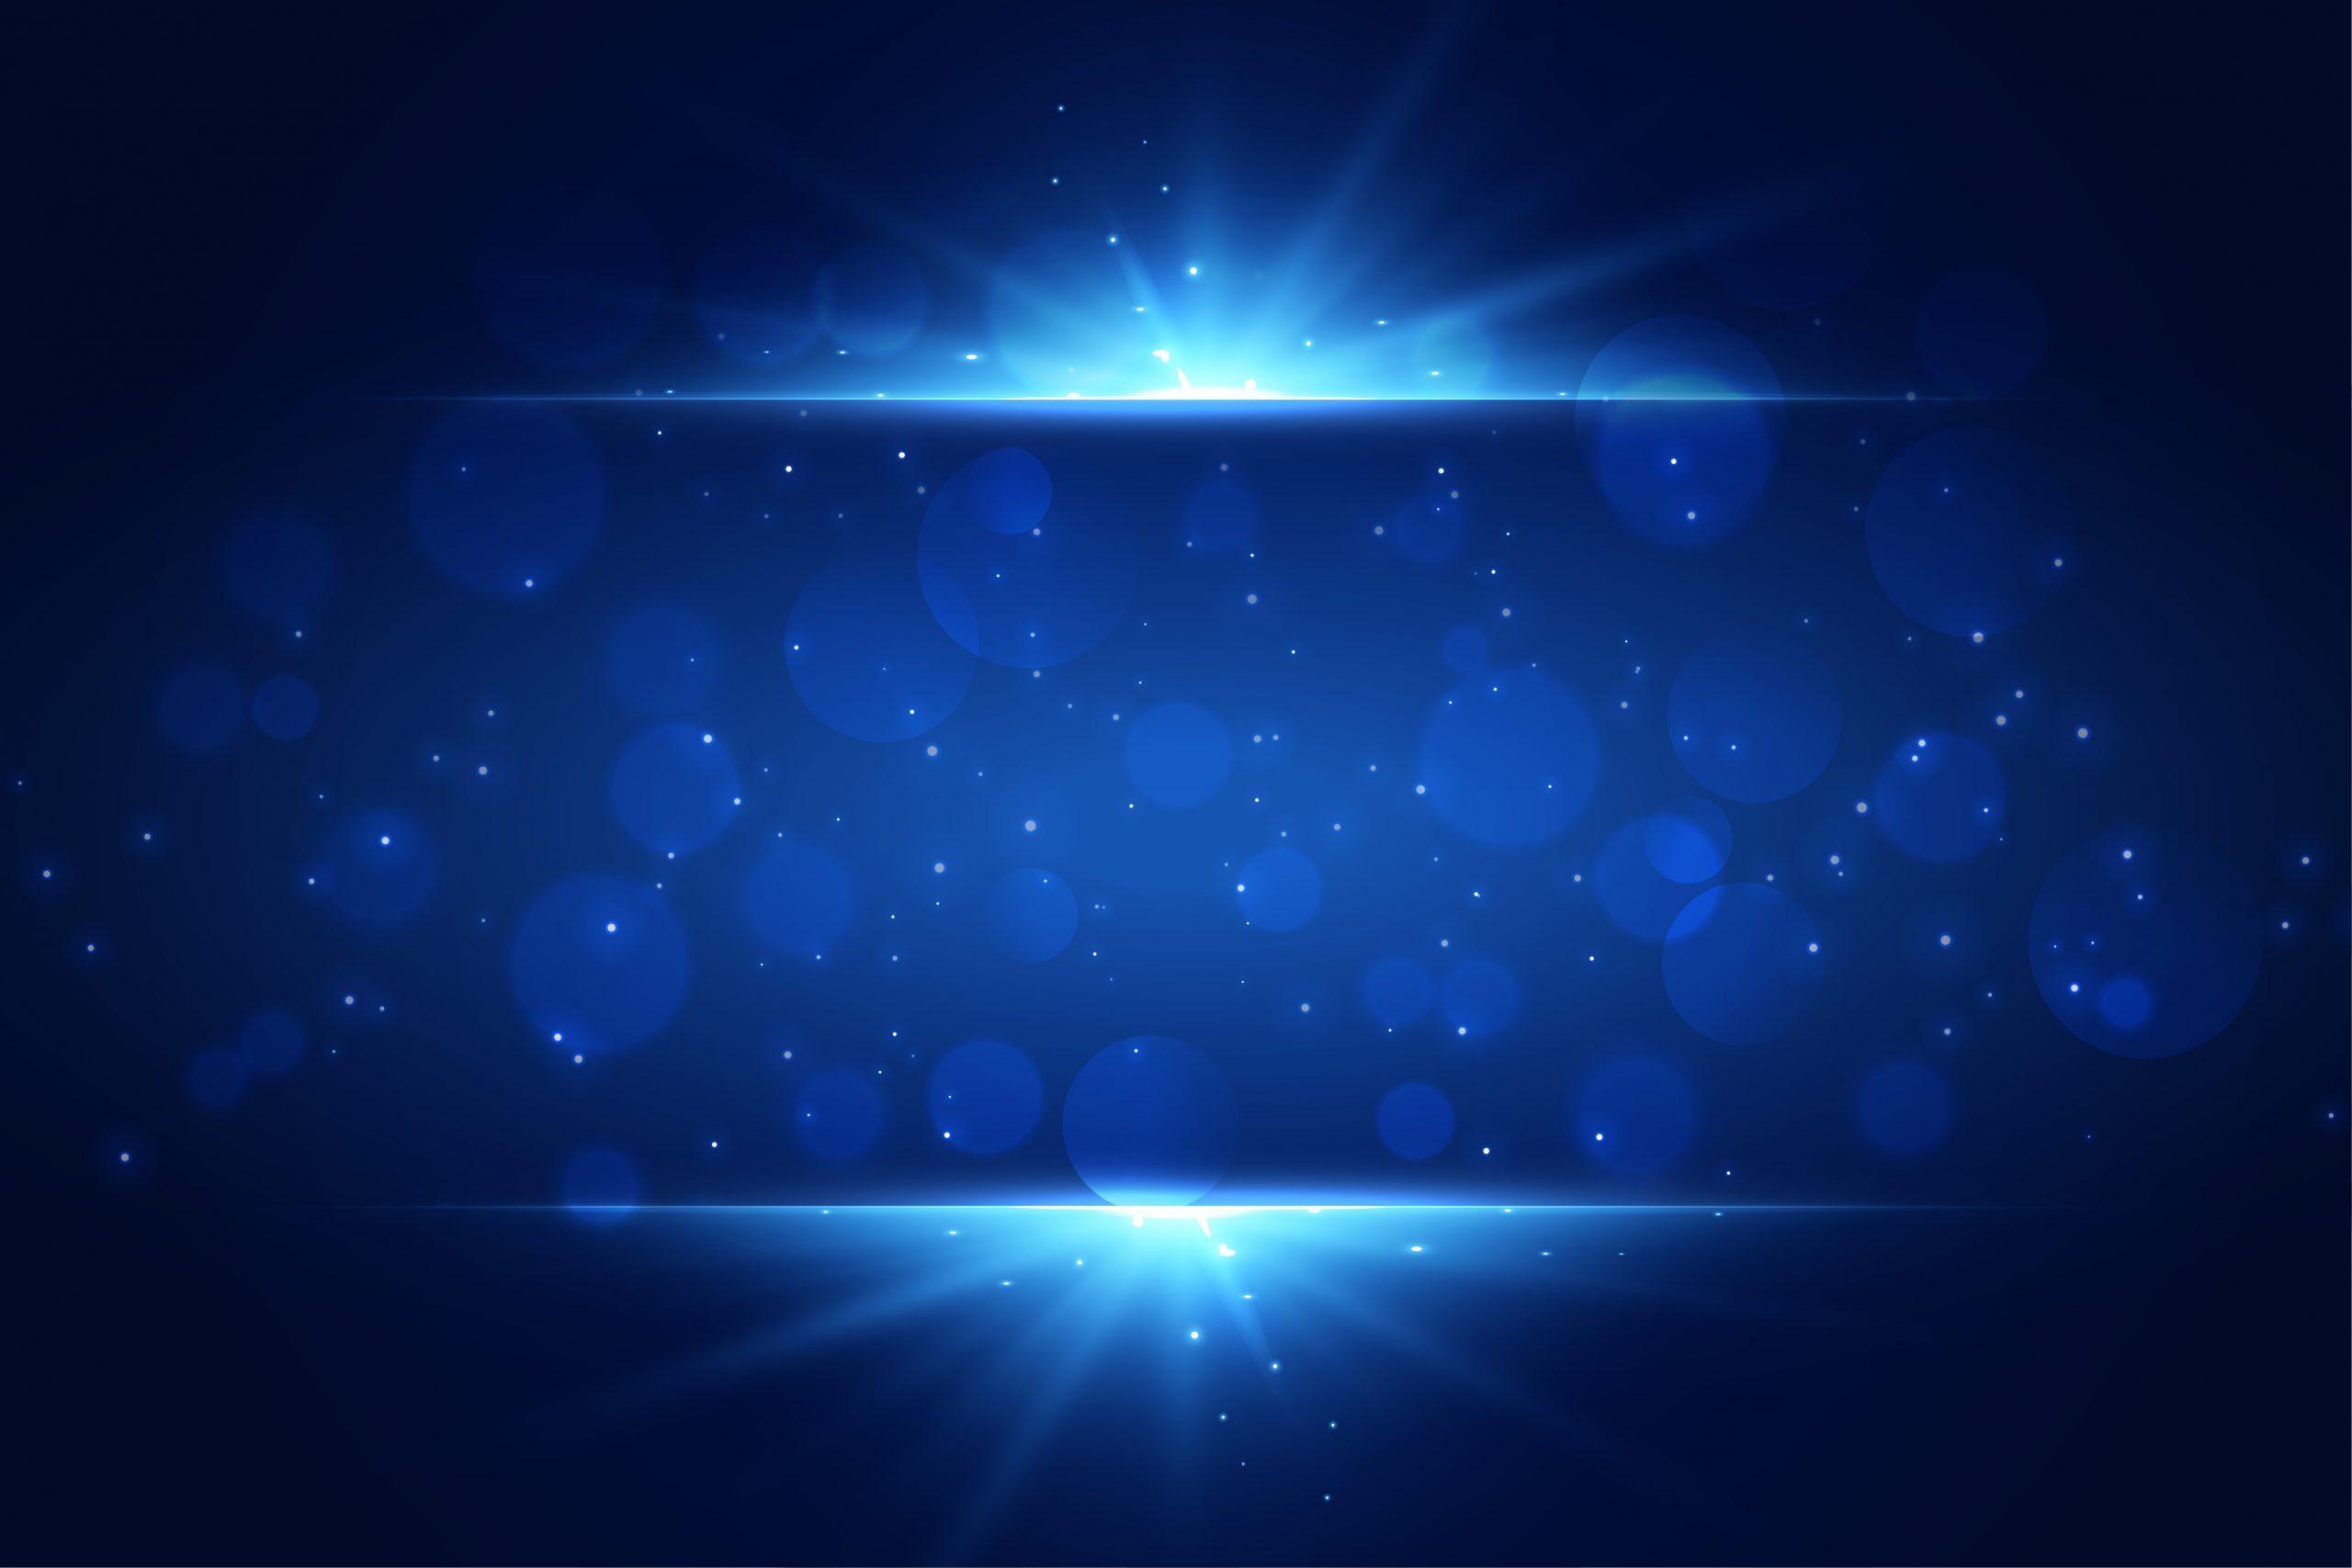 Hình ảnh background xanh và bóng